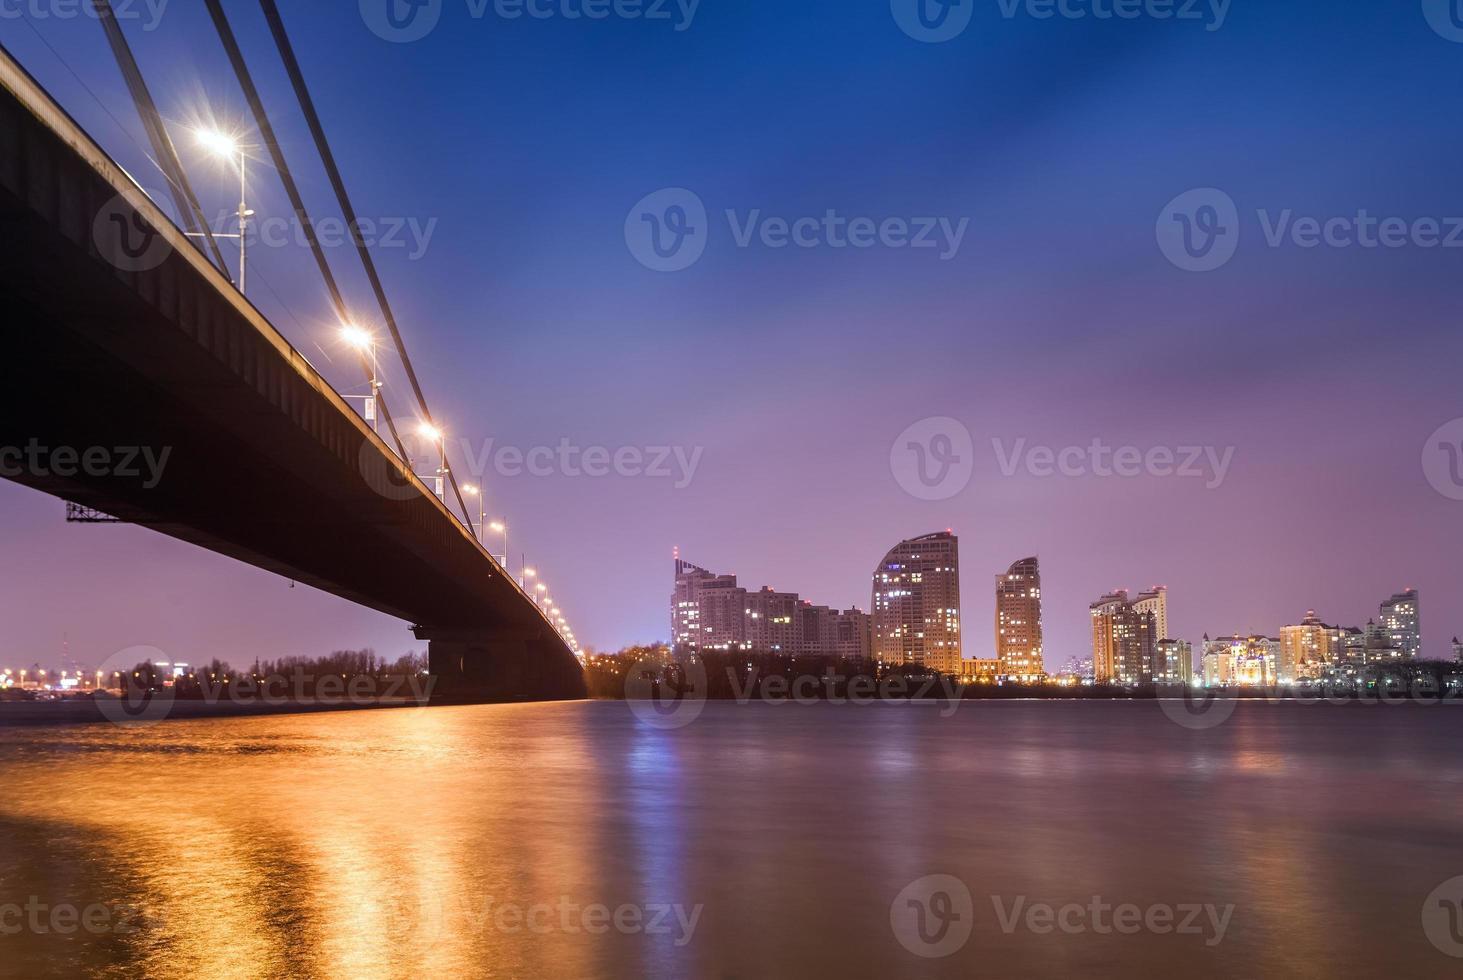 pôr do sol sobre a ponte e o rio na cidade. Kiev, Ucrânia foto